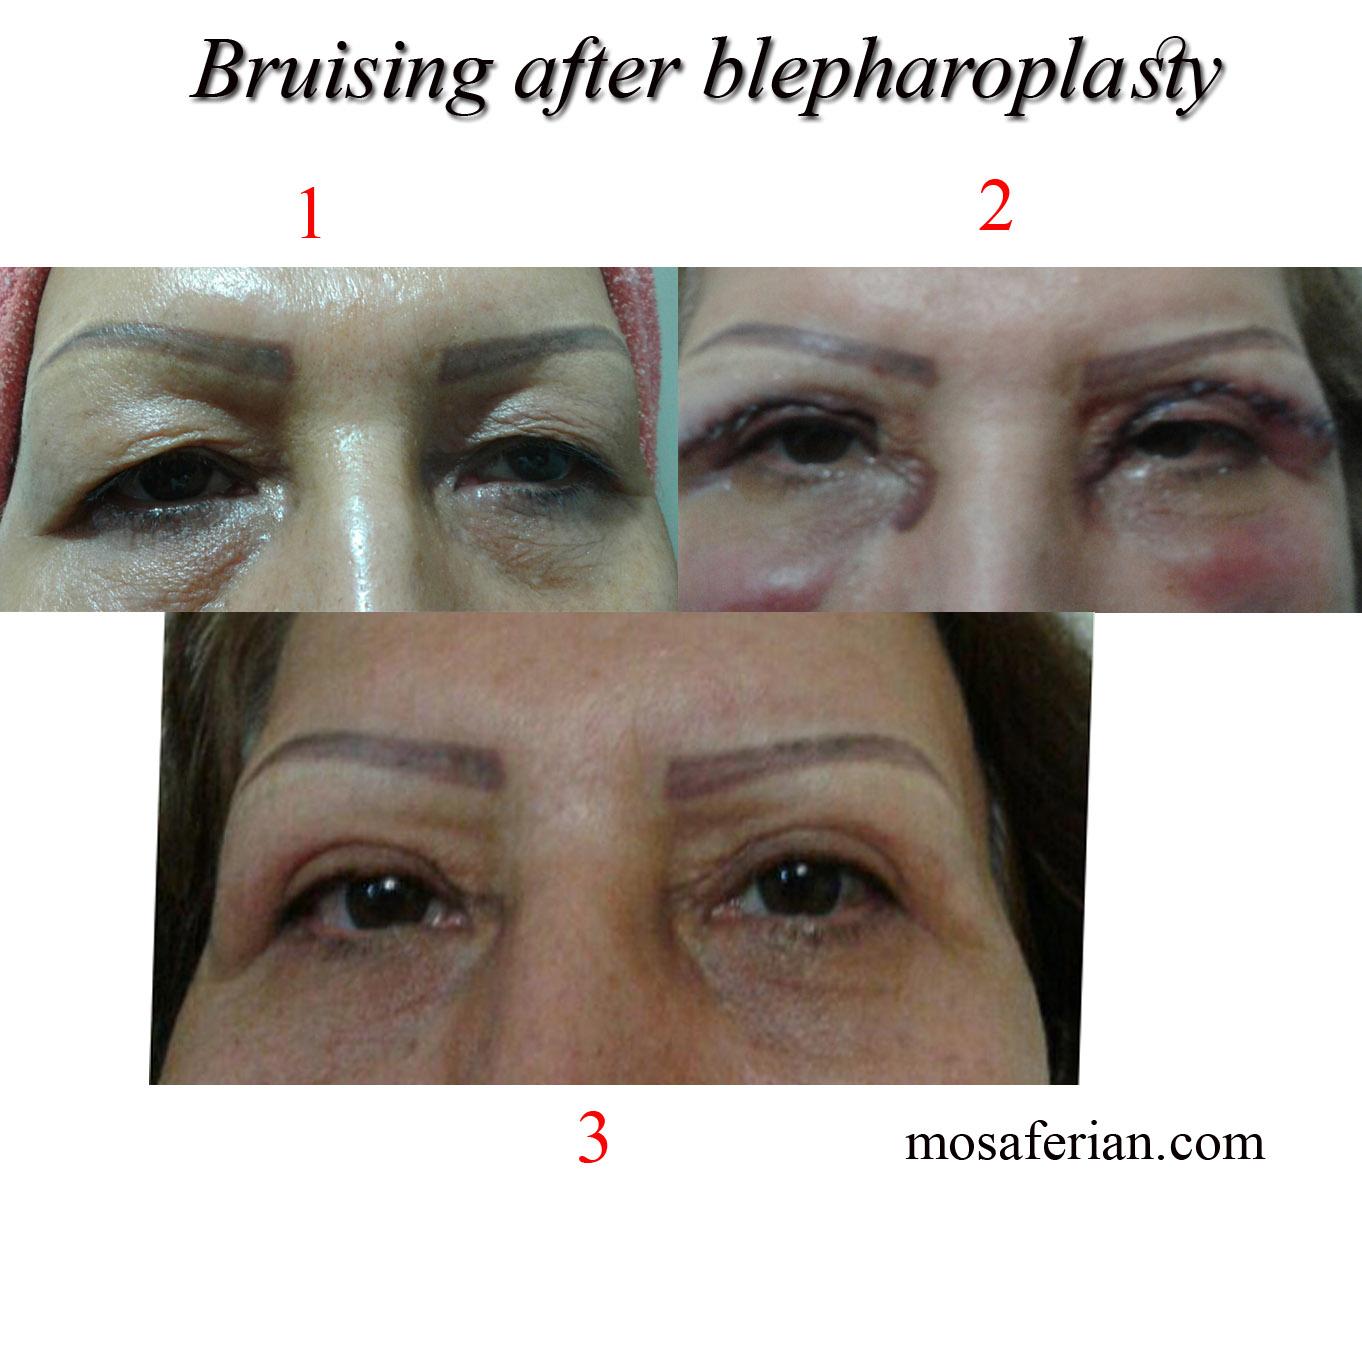 bruising after blepharoplasty